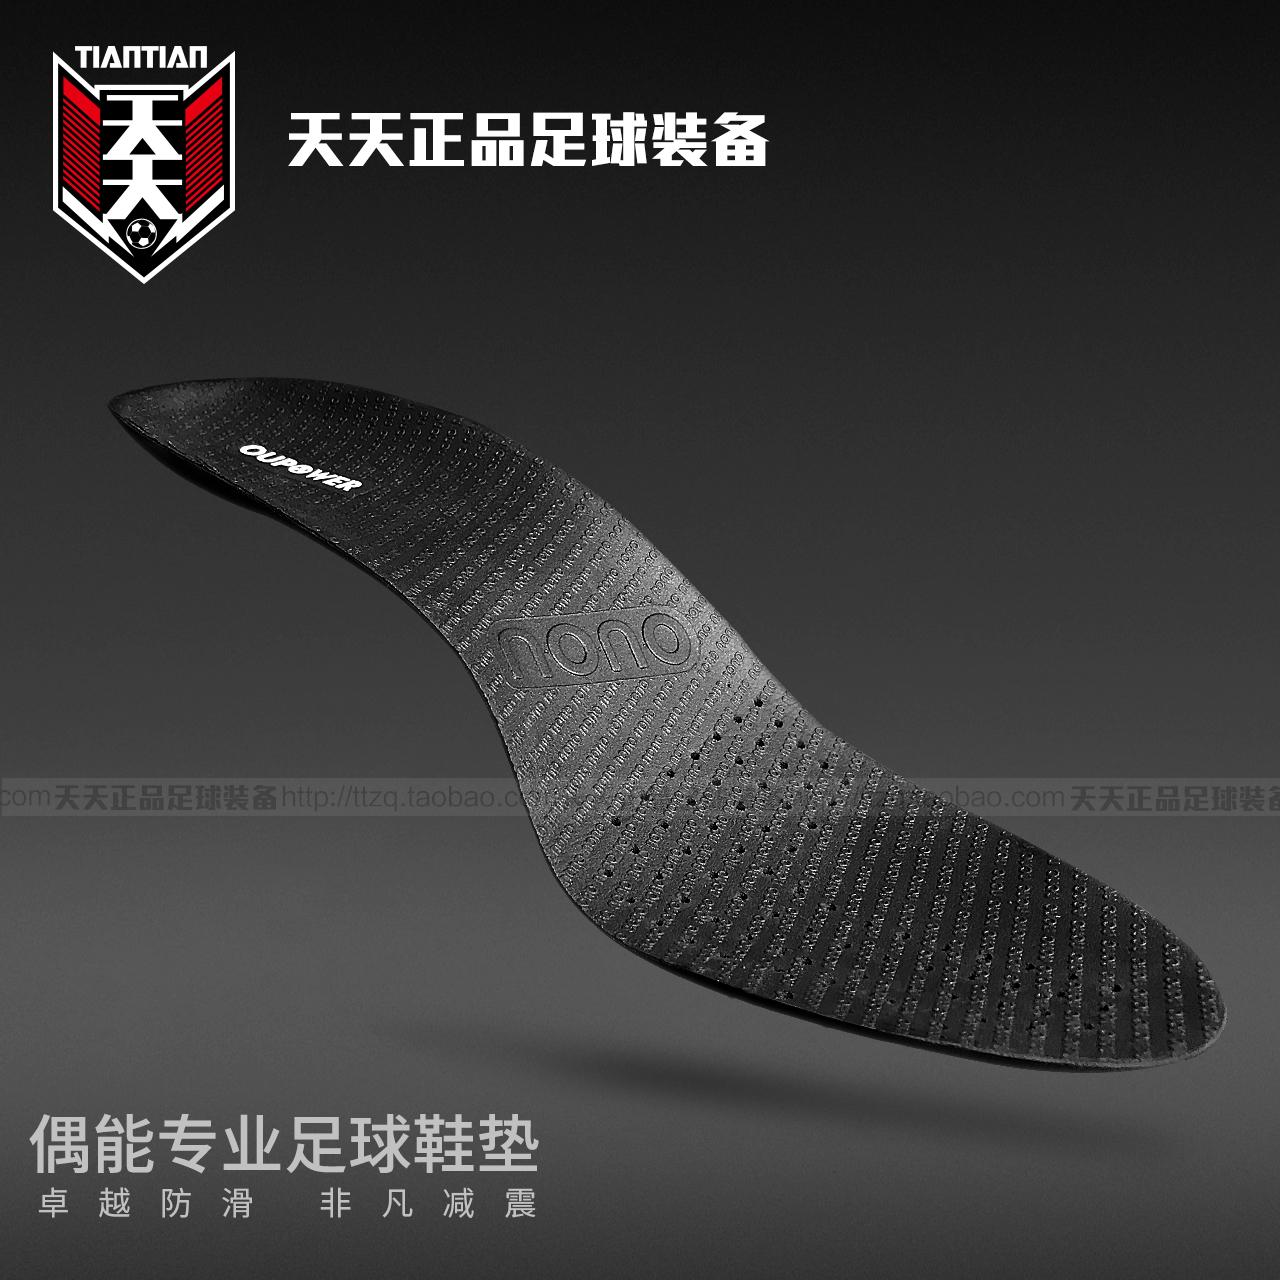 Каждый день оригинал OUPOWER / Полон амортизирующий амортизирующий футбол стелька нескользящие Спортивная обувь для дезодорантов стелька